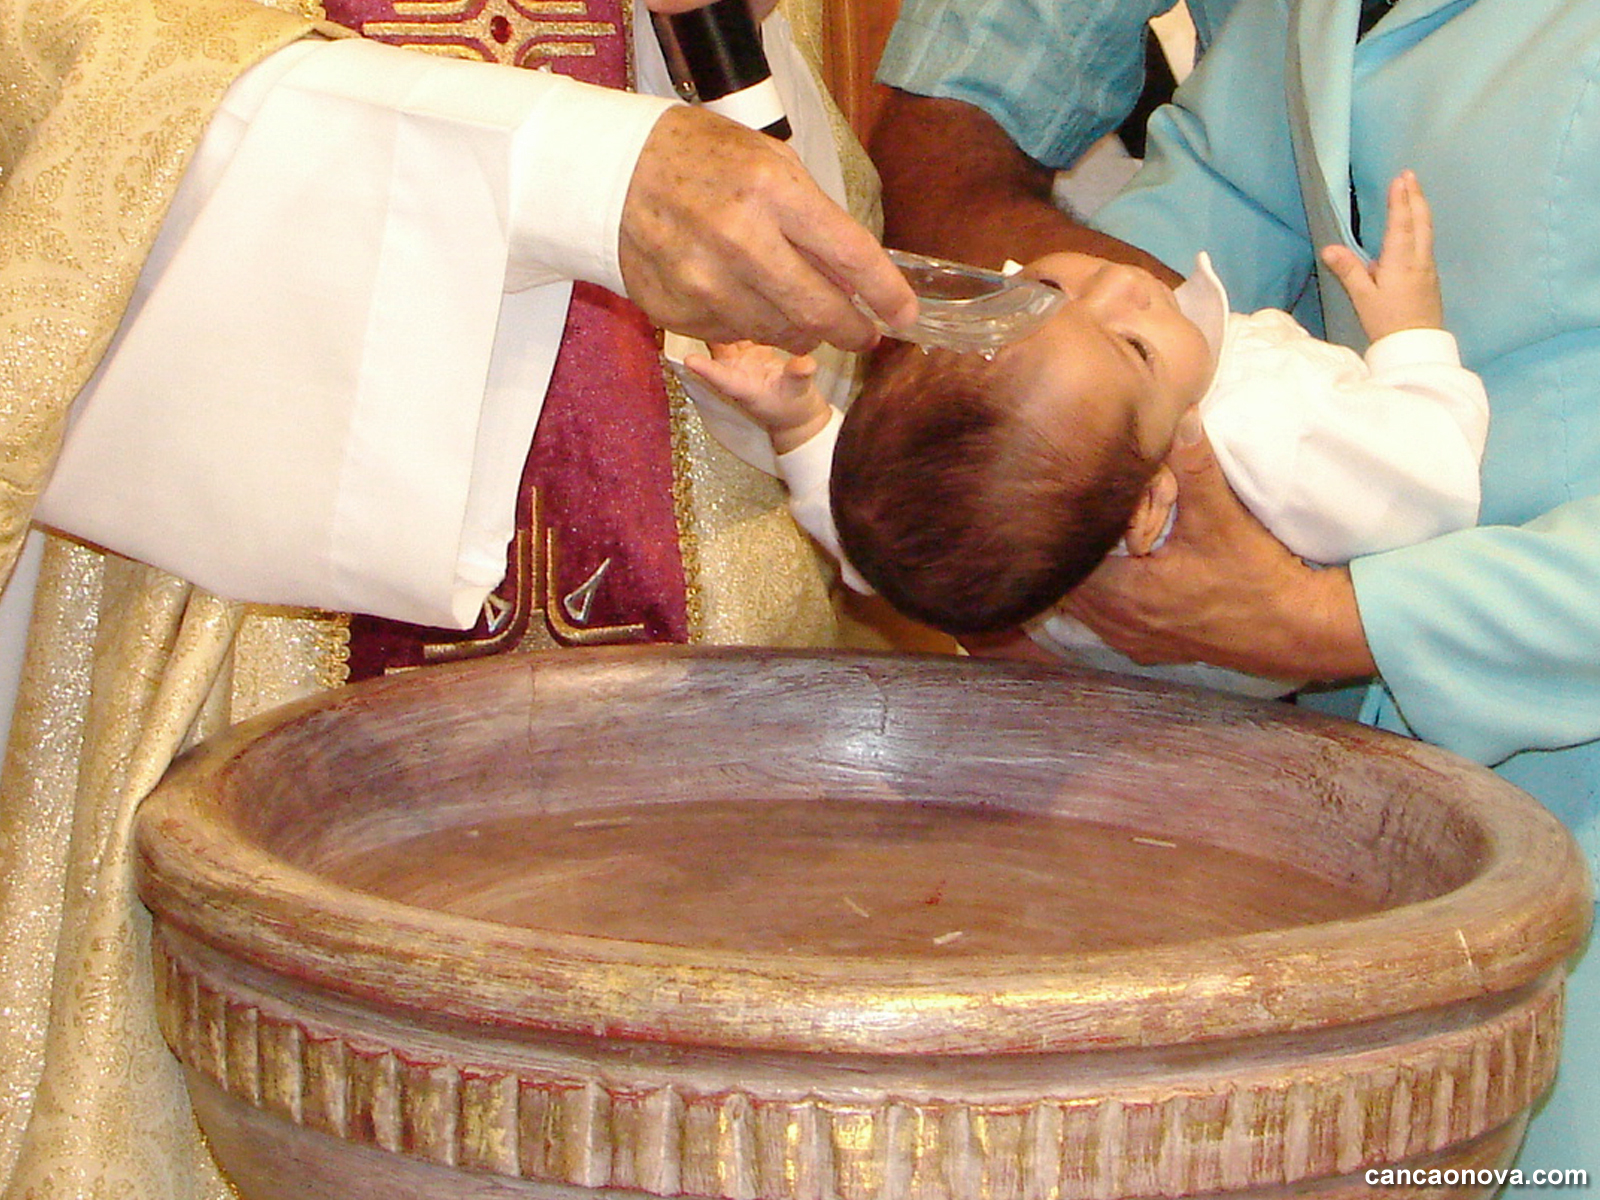 formacao_conheca-os-sete-sacramentos-e-suas-particularidades-1600x1200